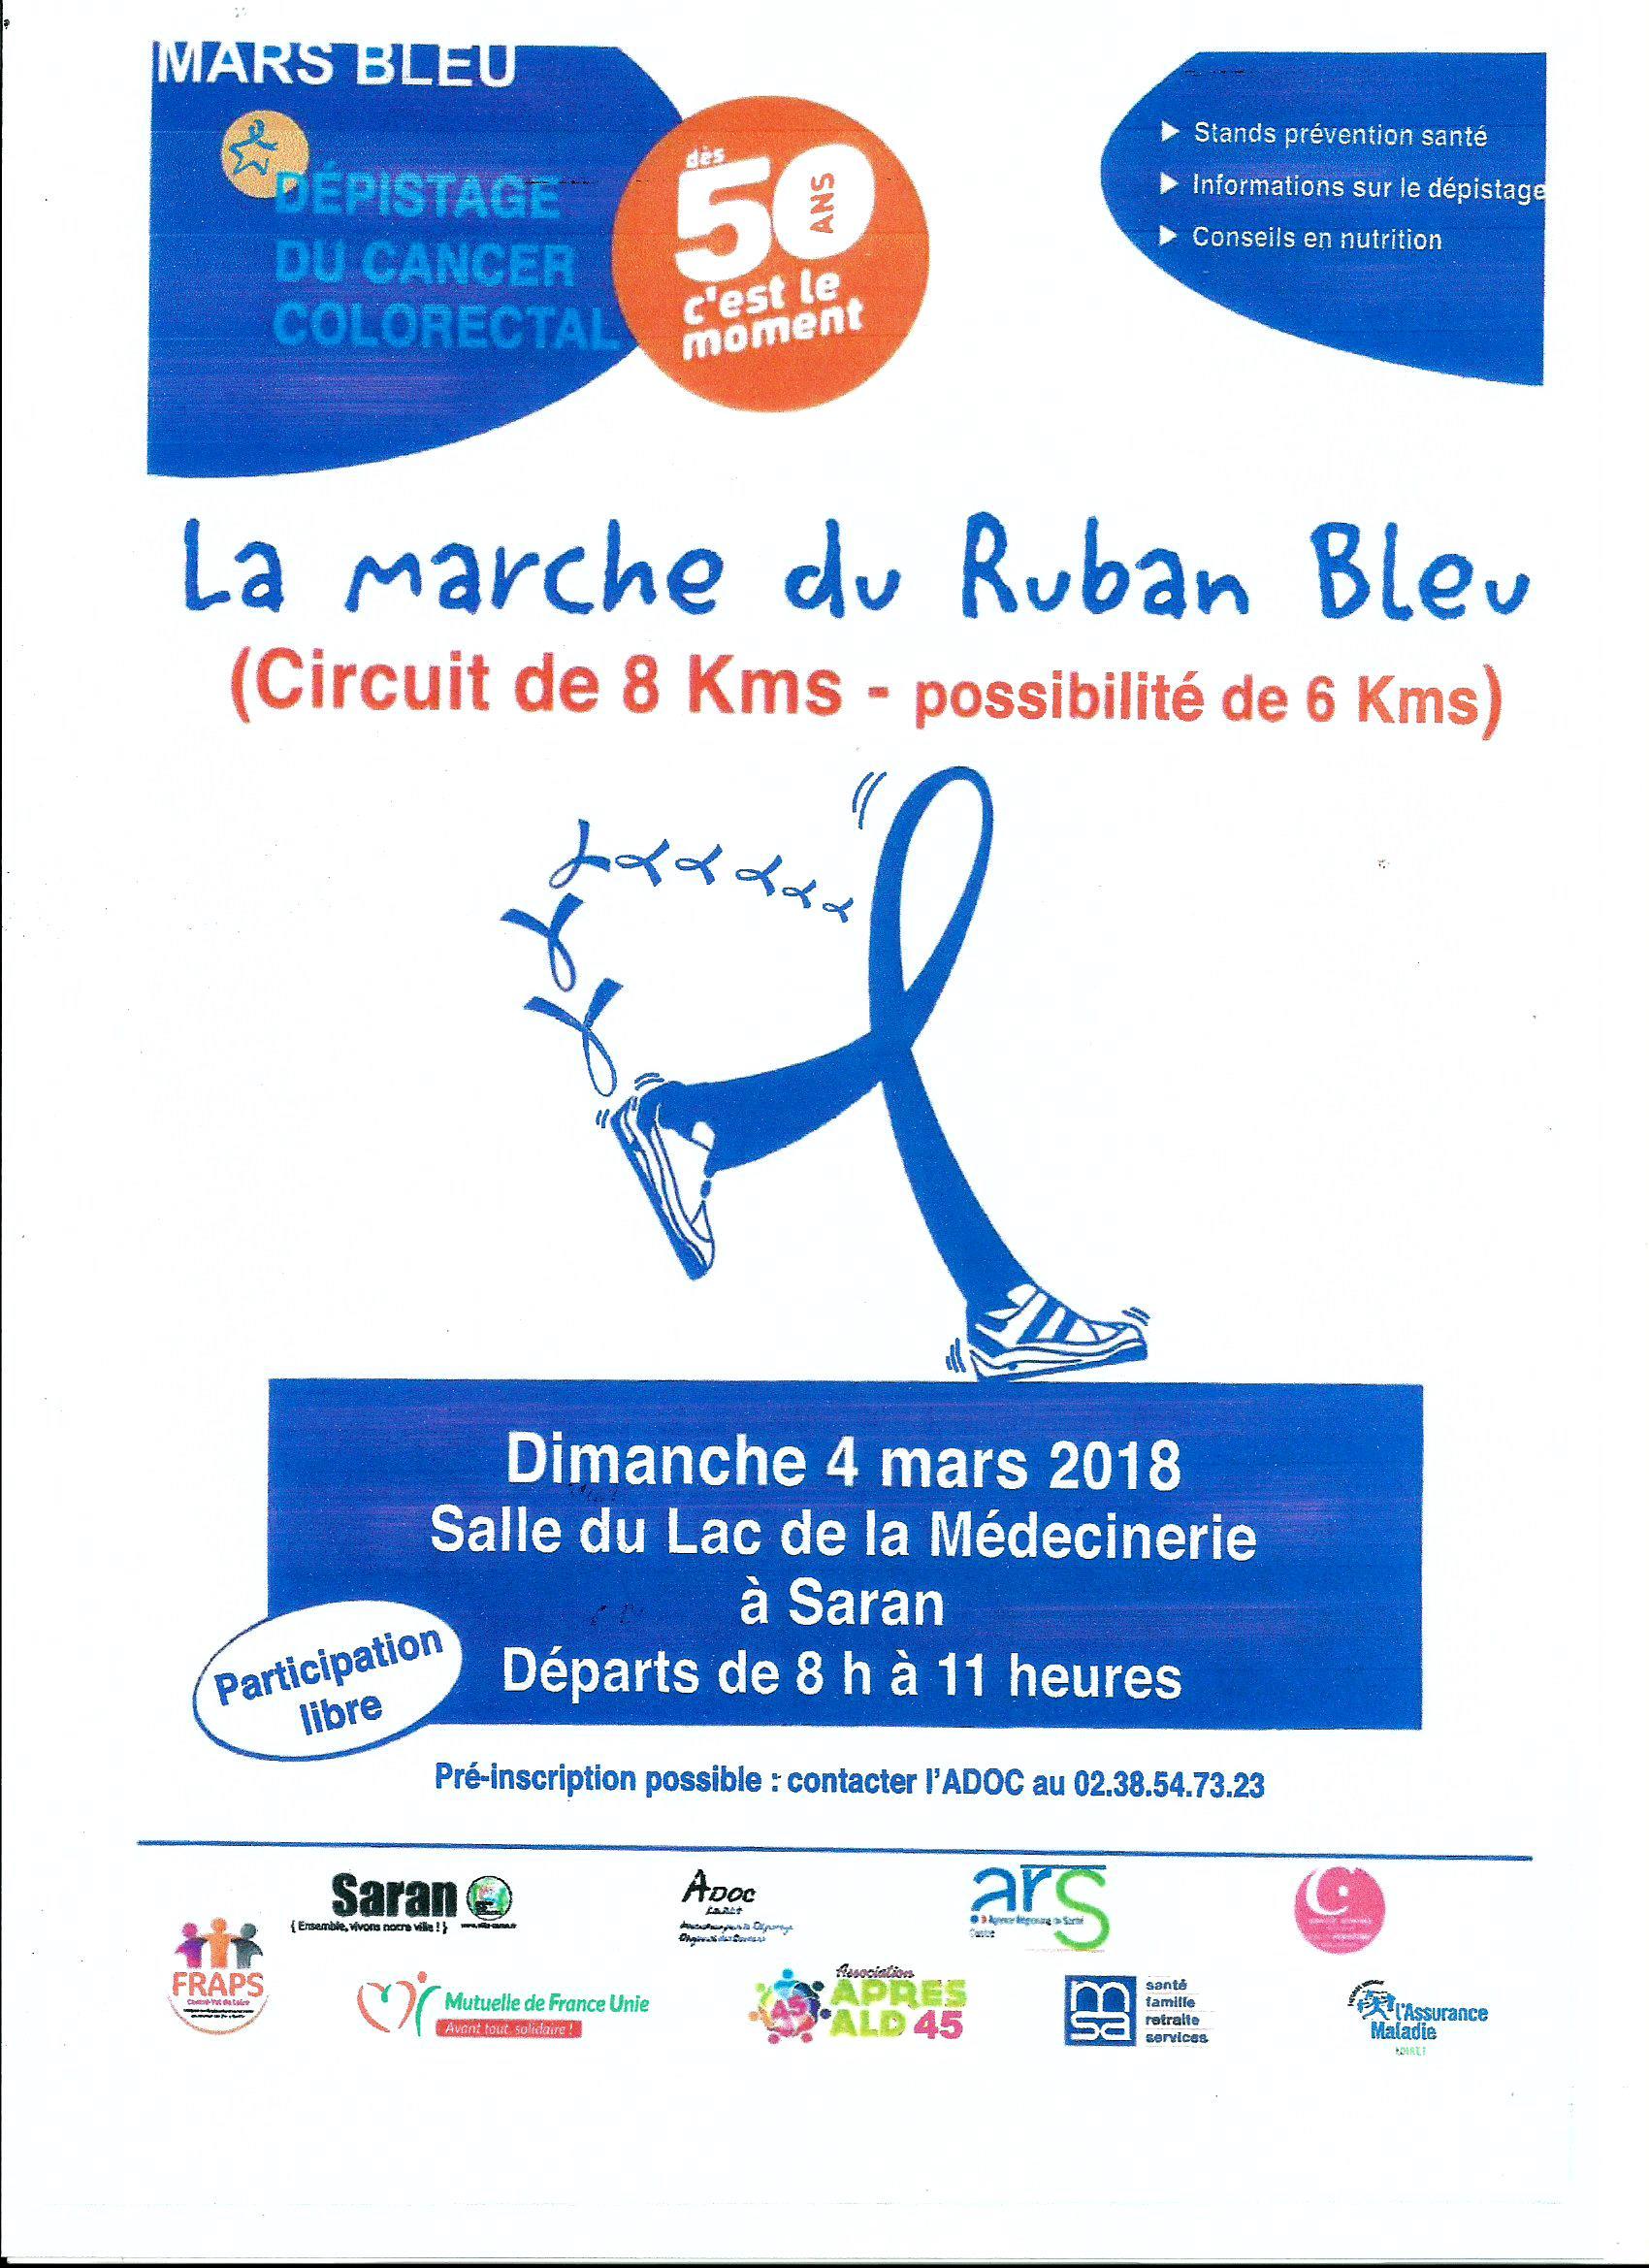 Scan Affiche Mars Bleu 2018 La Marche du Ruban Bleu (04.03.jpg